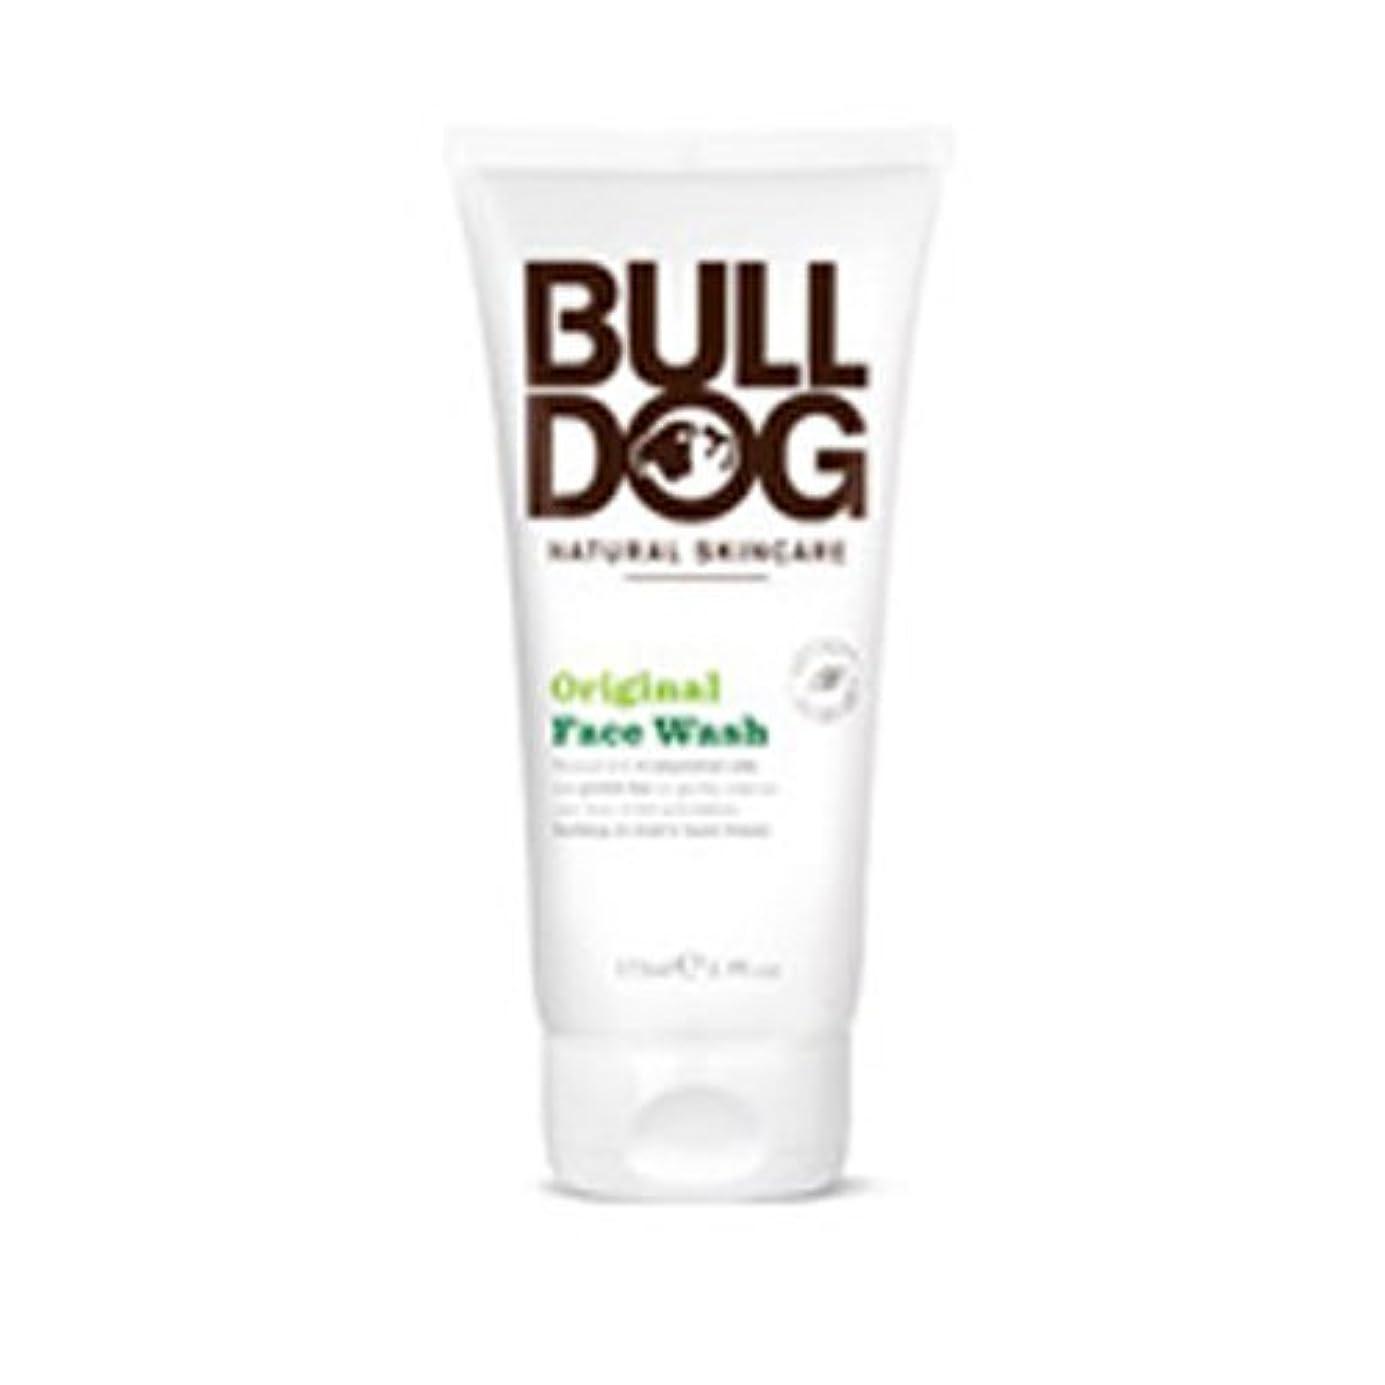 包帯競争物足りない海外直送品Original Face Wash, 5.9 oz by Bulldog Natural Skincare